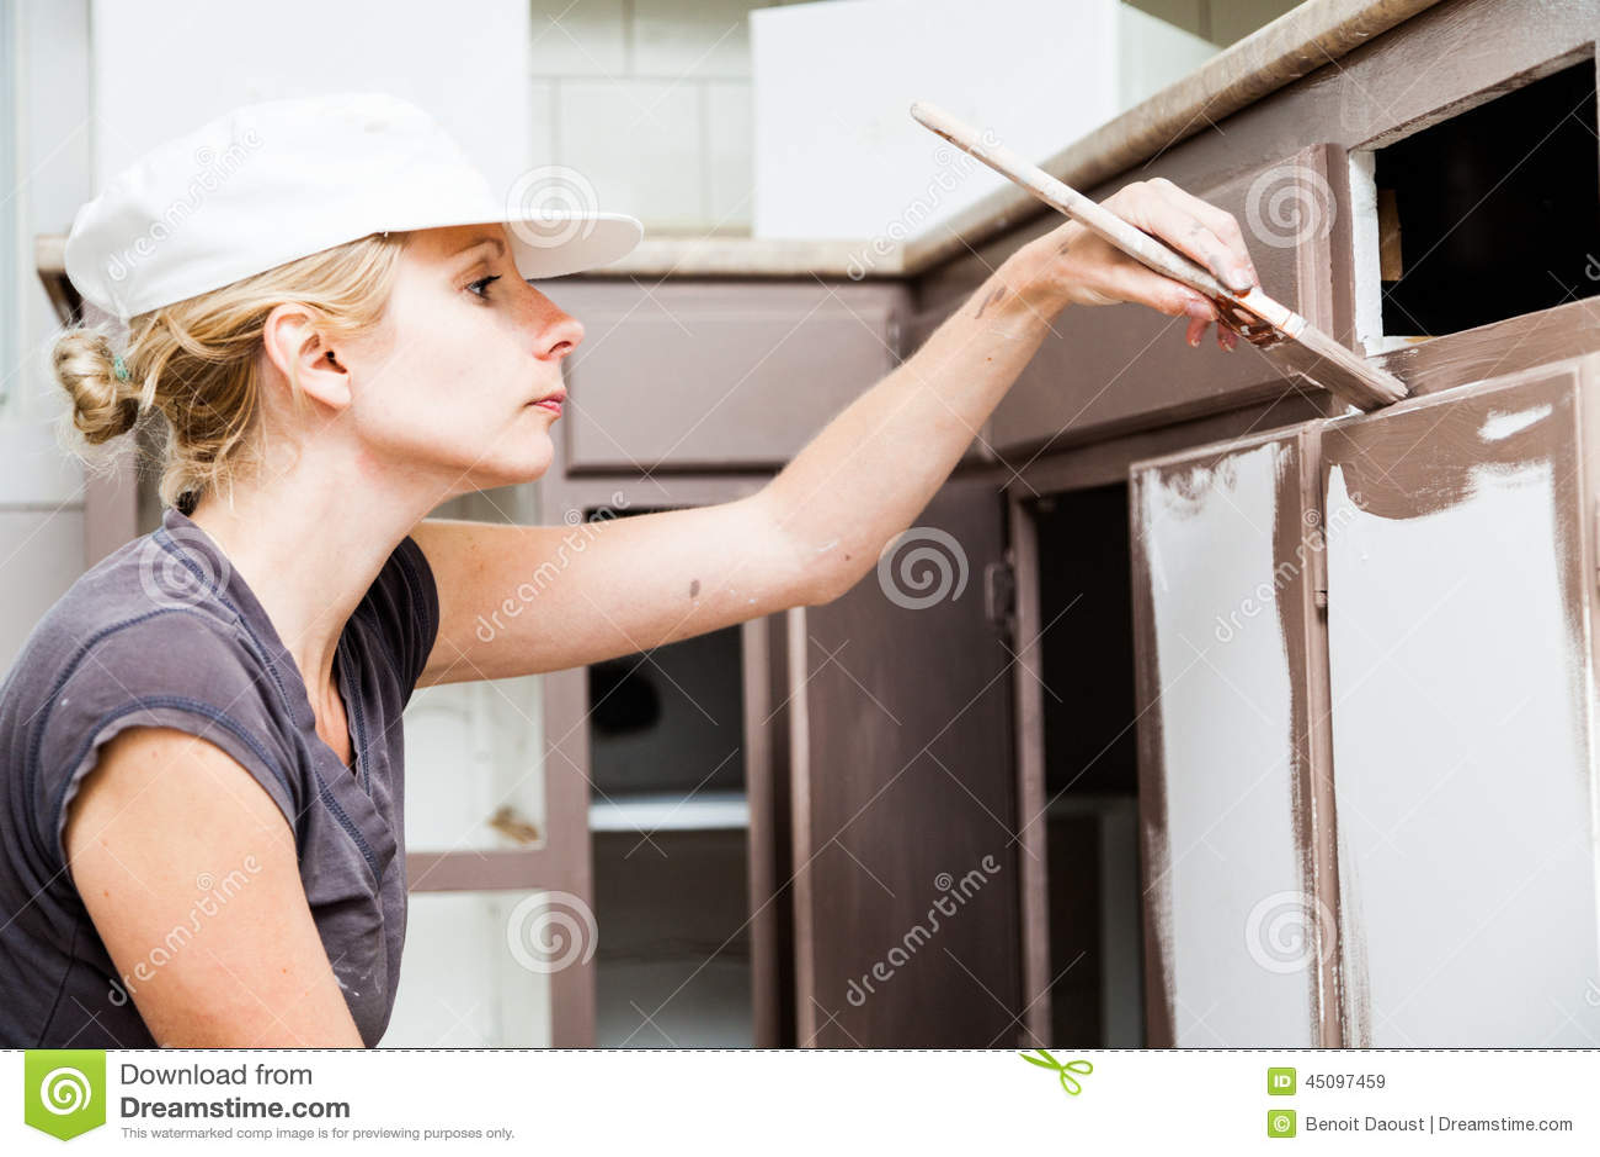 blonde kitchen cabinets black metal 妇女绘画厨柜特写镜头库存图片 图片包括有设计 成人 维修服务 妇女绘画厨柜特写镜头